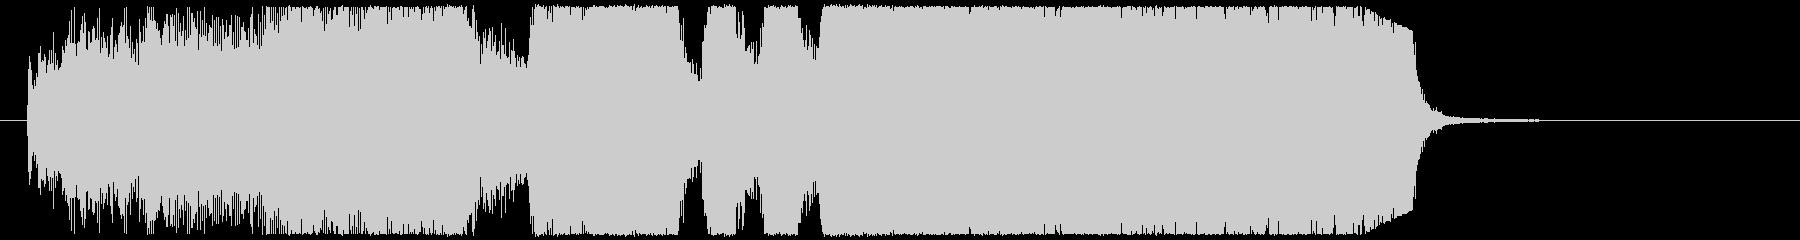 派手な演出で金管5重奏のファンファーレの未再生の波形